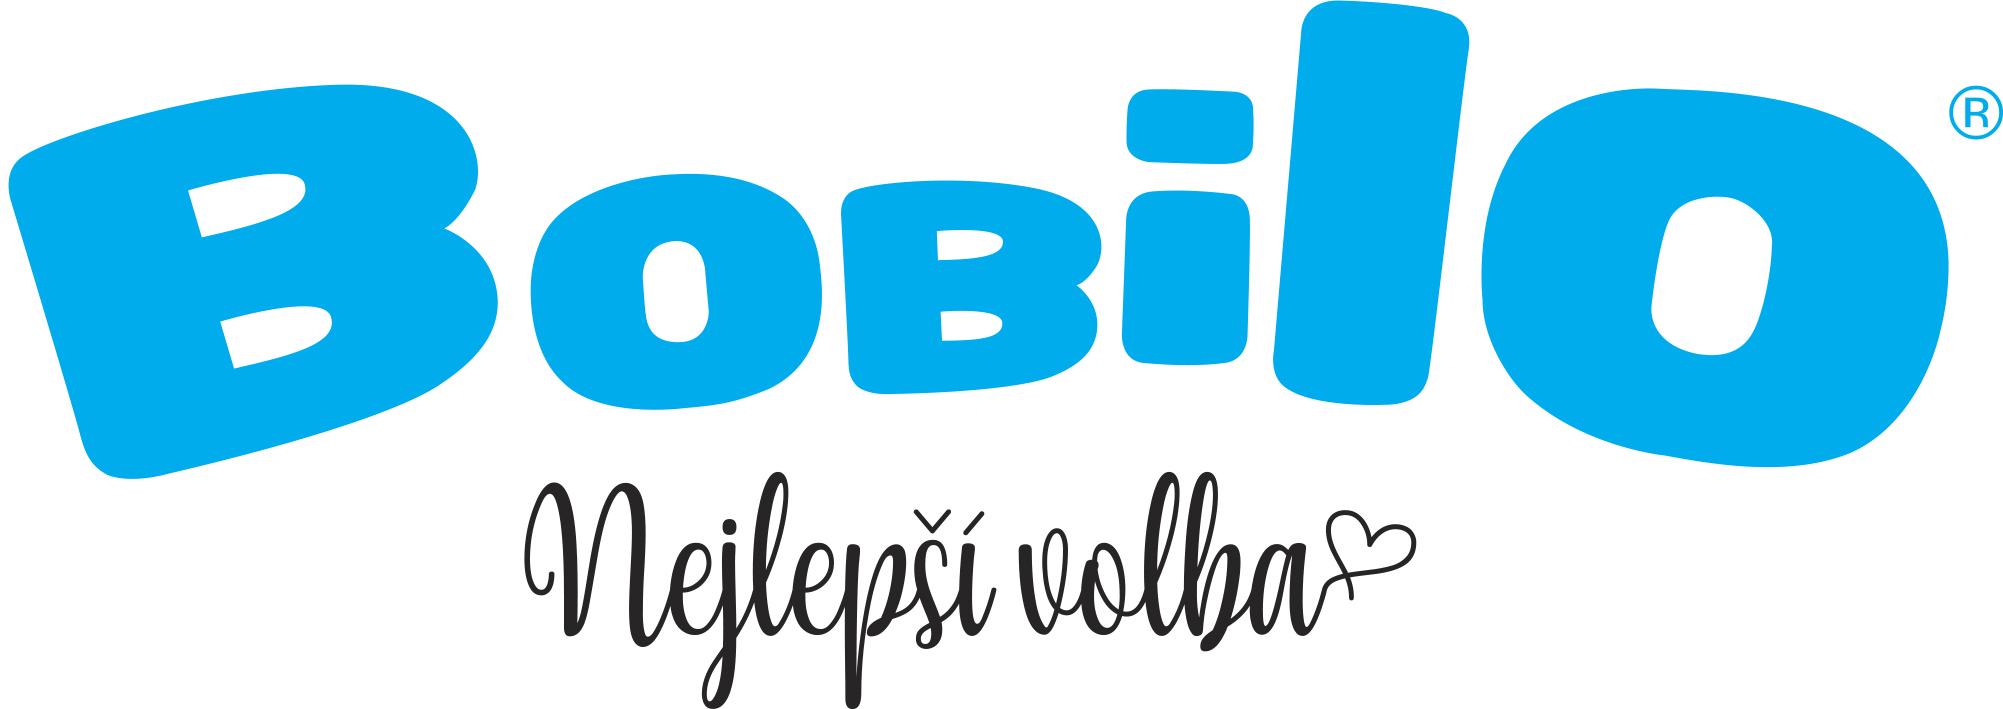 bobilo_logo-1